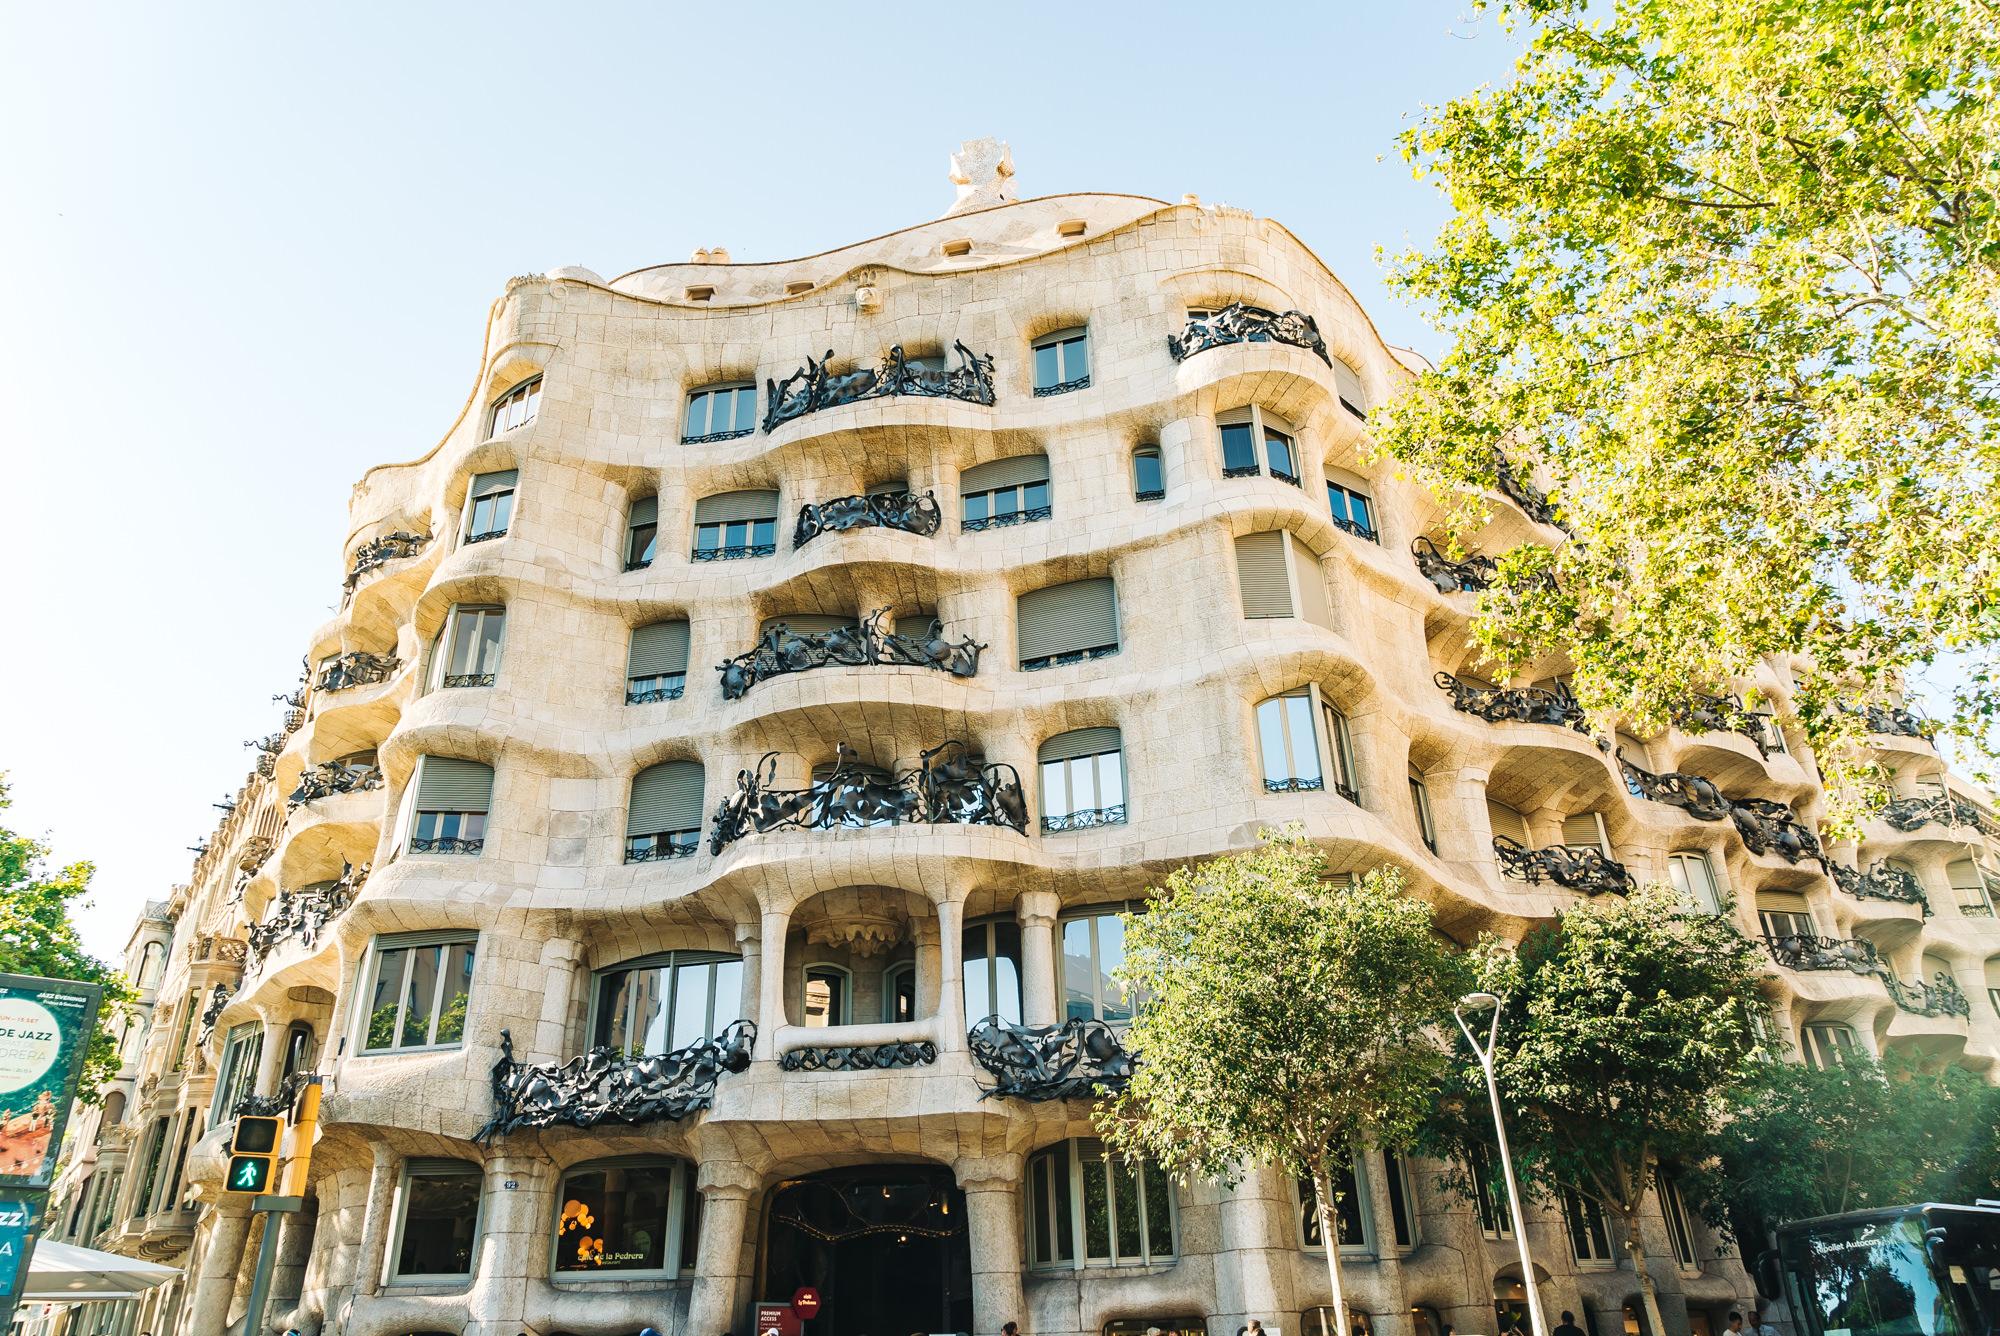 Casa Mila facade